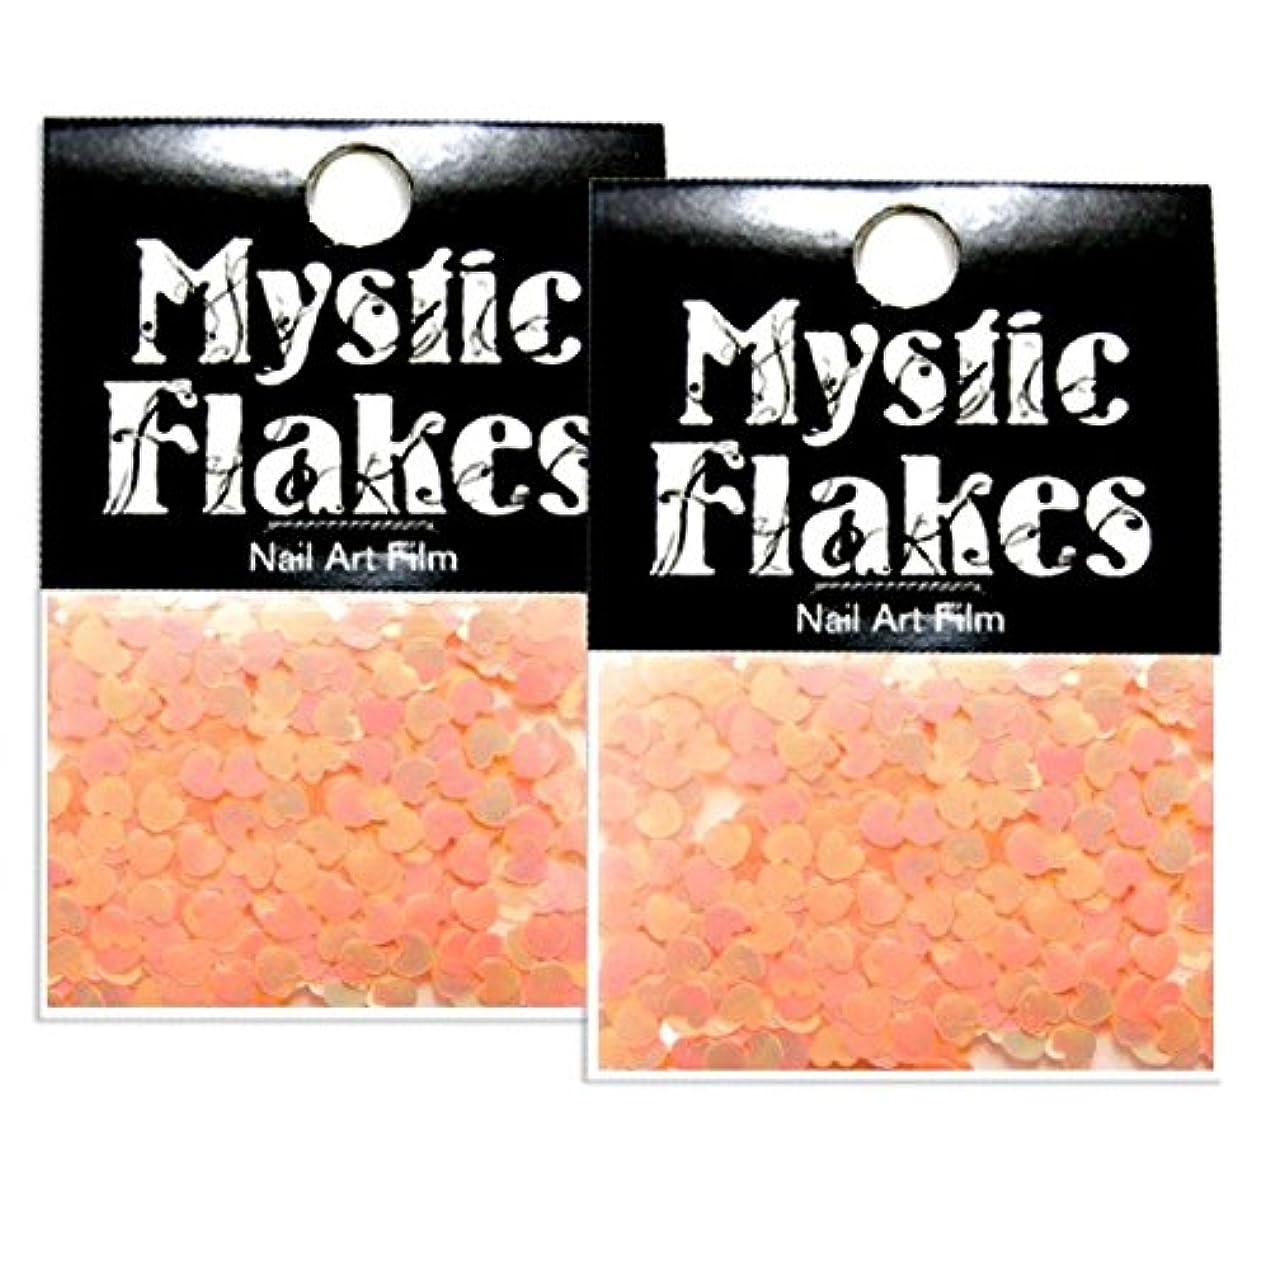 偽善者バルーン一般的なミスティックフレース ネイル用ストーン ルミネオレンジ ミニハート 0.5g 2個セット